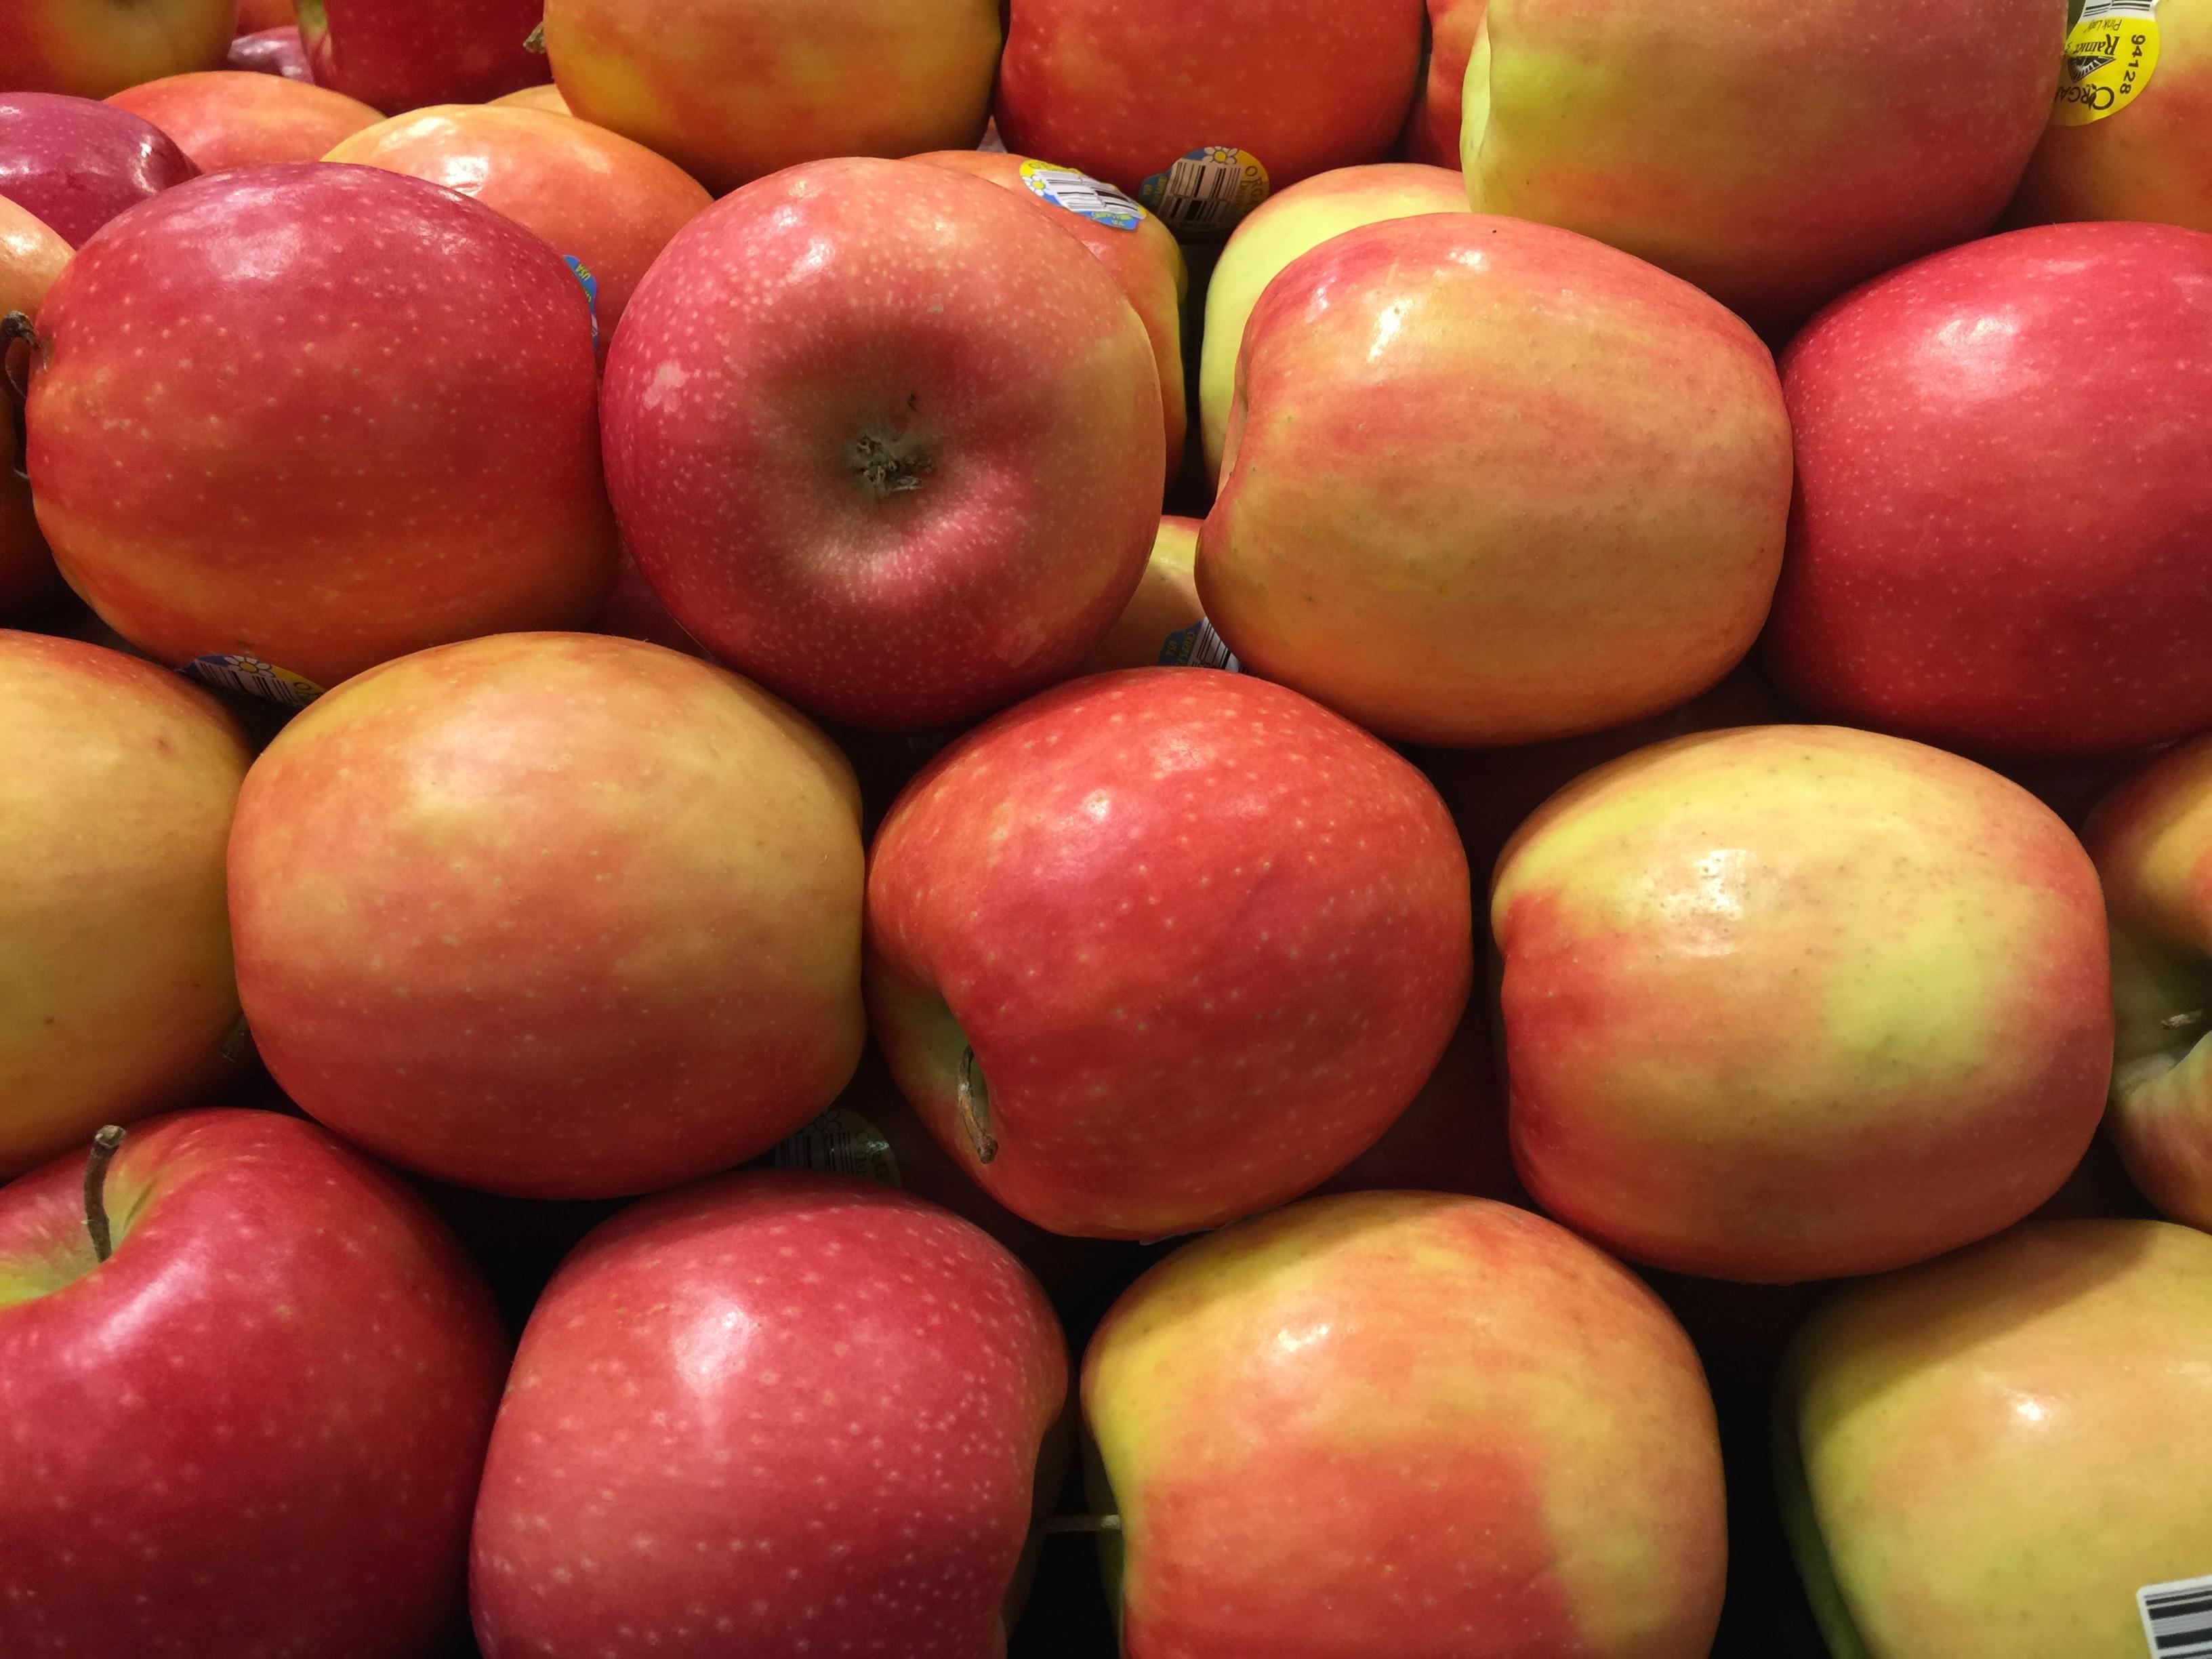 Apples - CookingCoOp.com